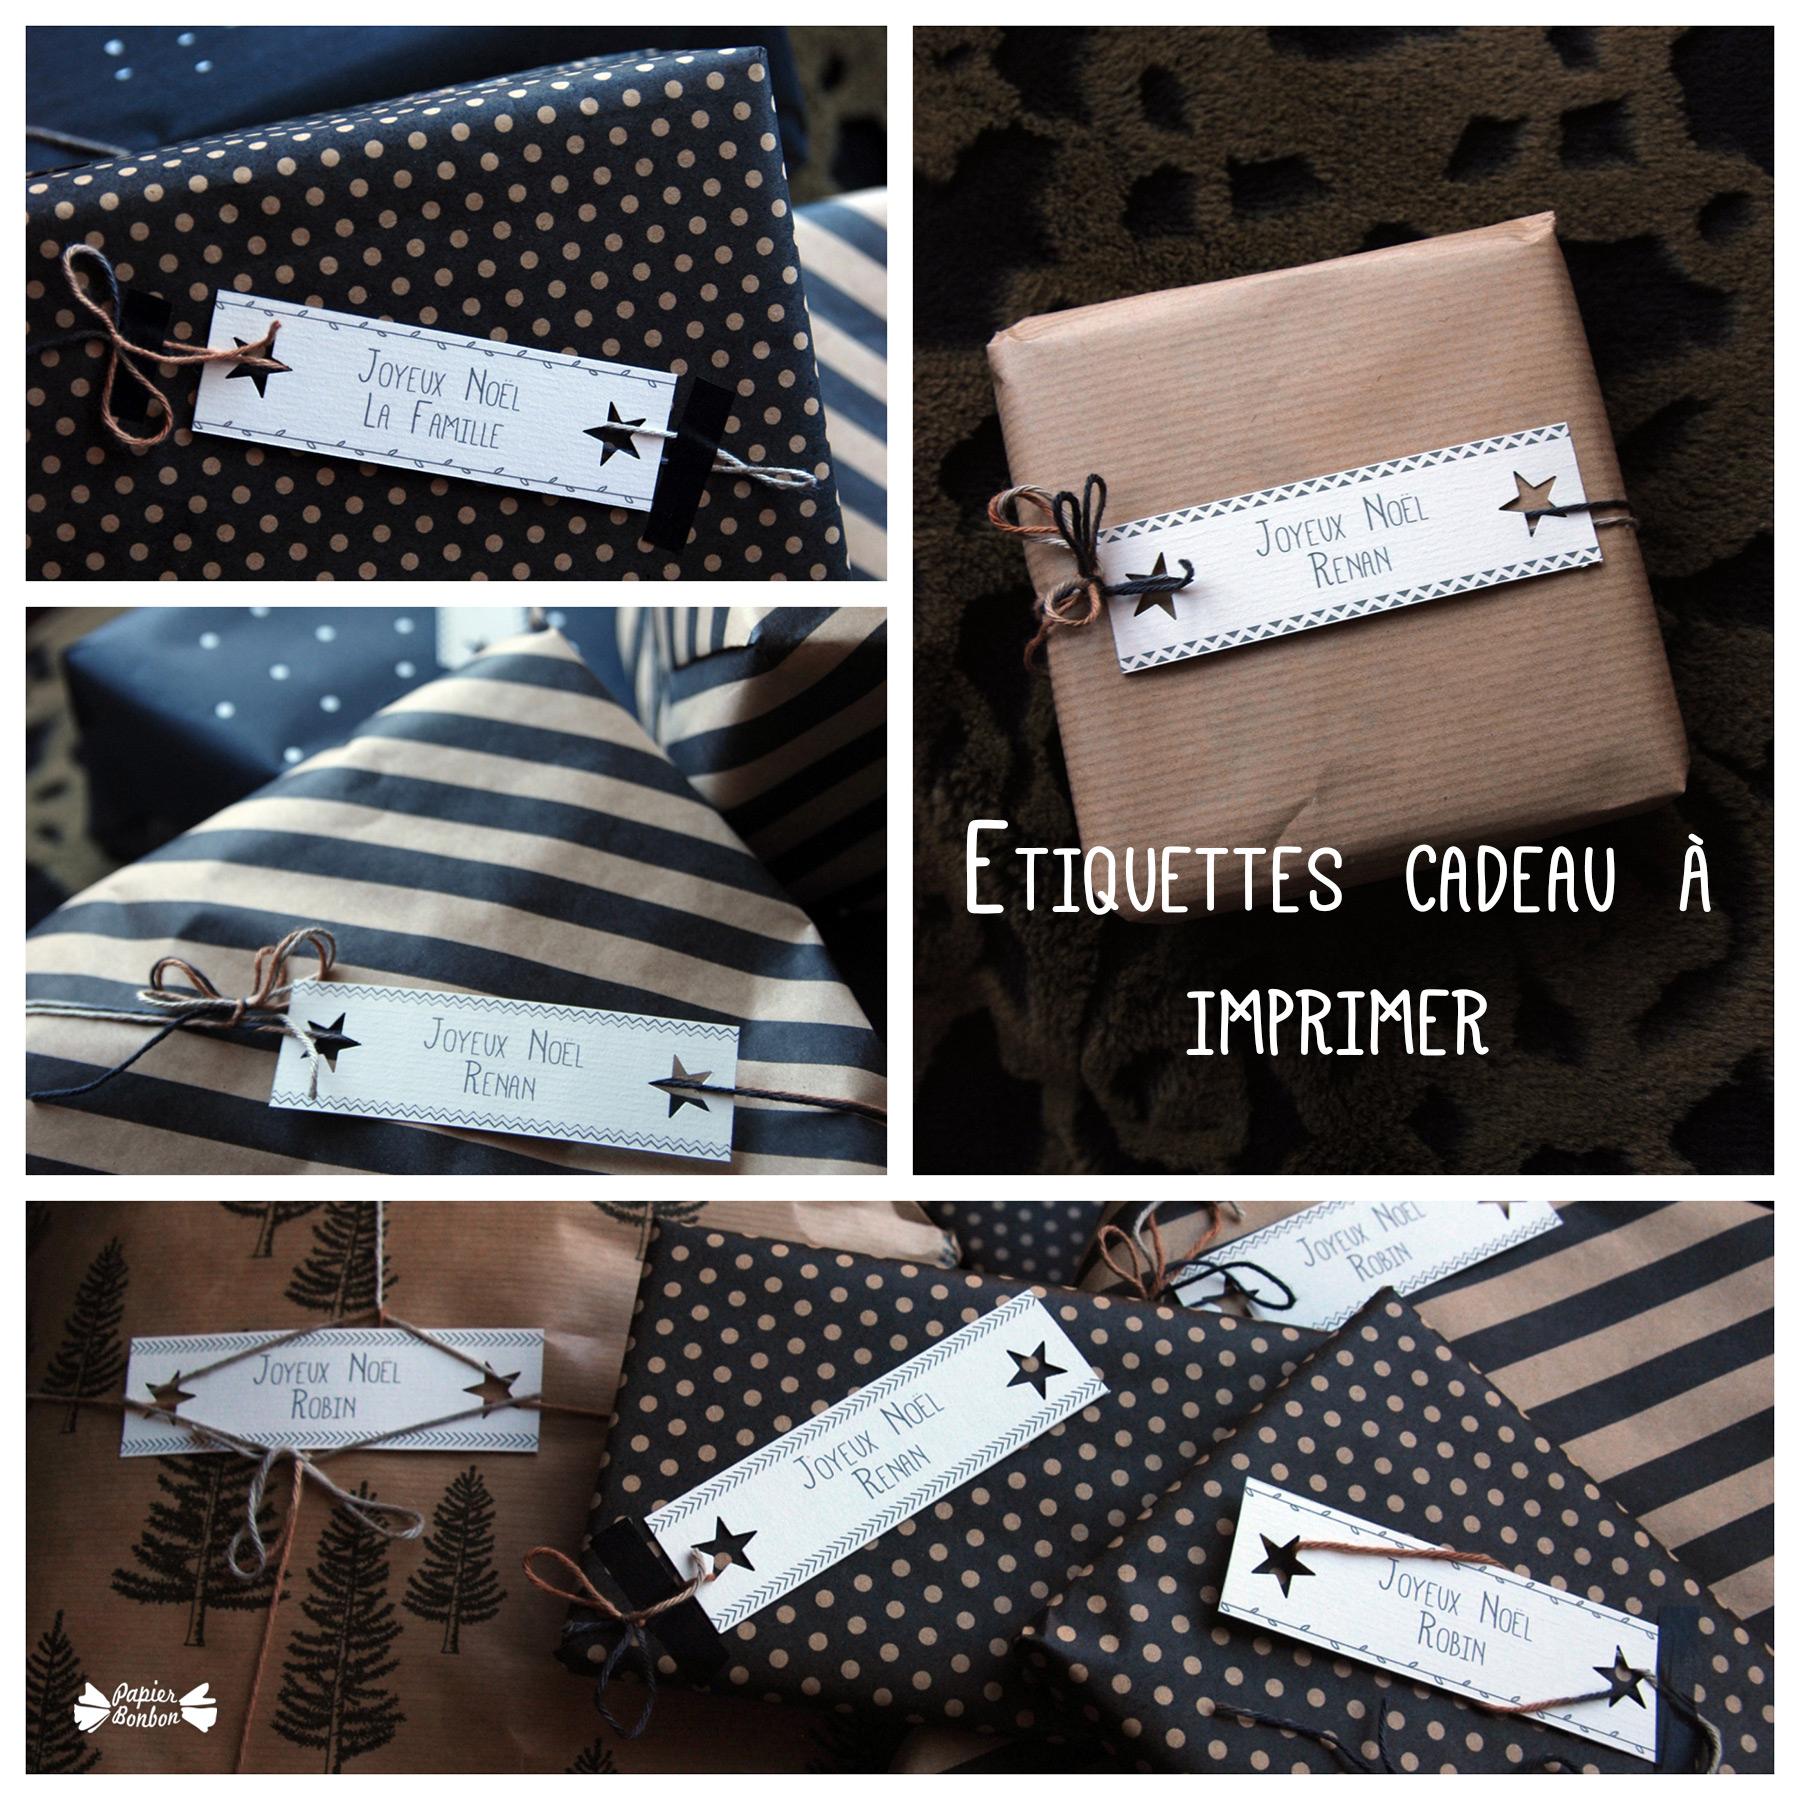 Cadeau : Etiquettes De Noël À Imprimer - Papier Bonbon dedans Etiquette Noel A Imprimer